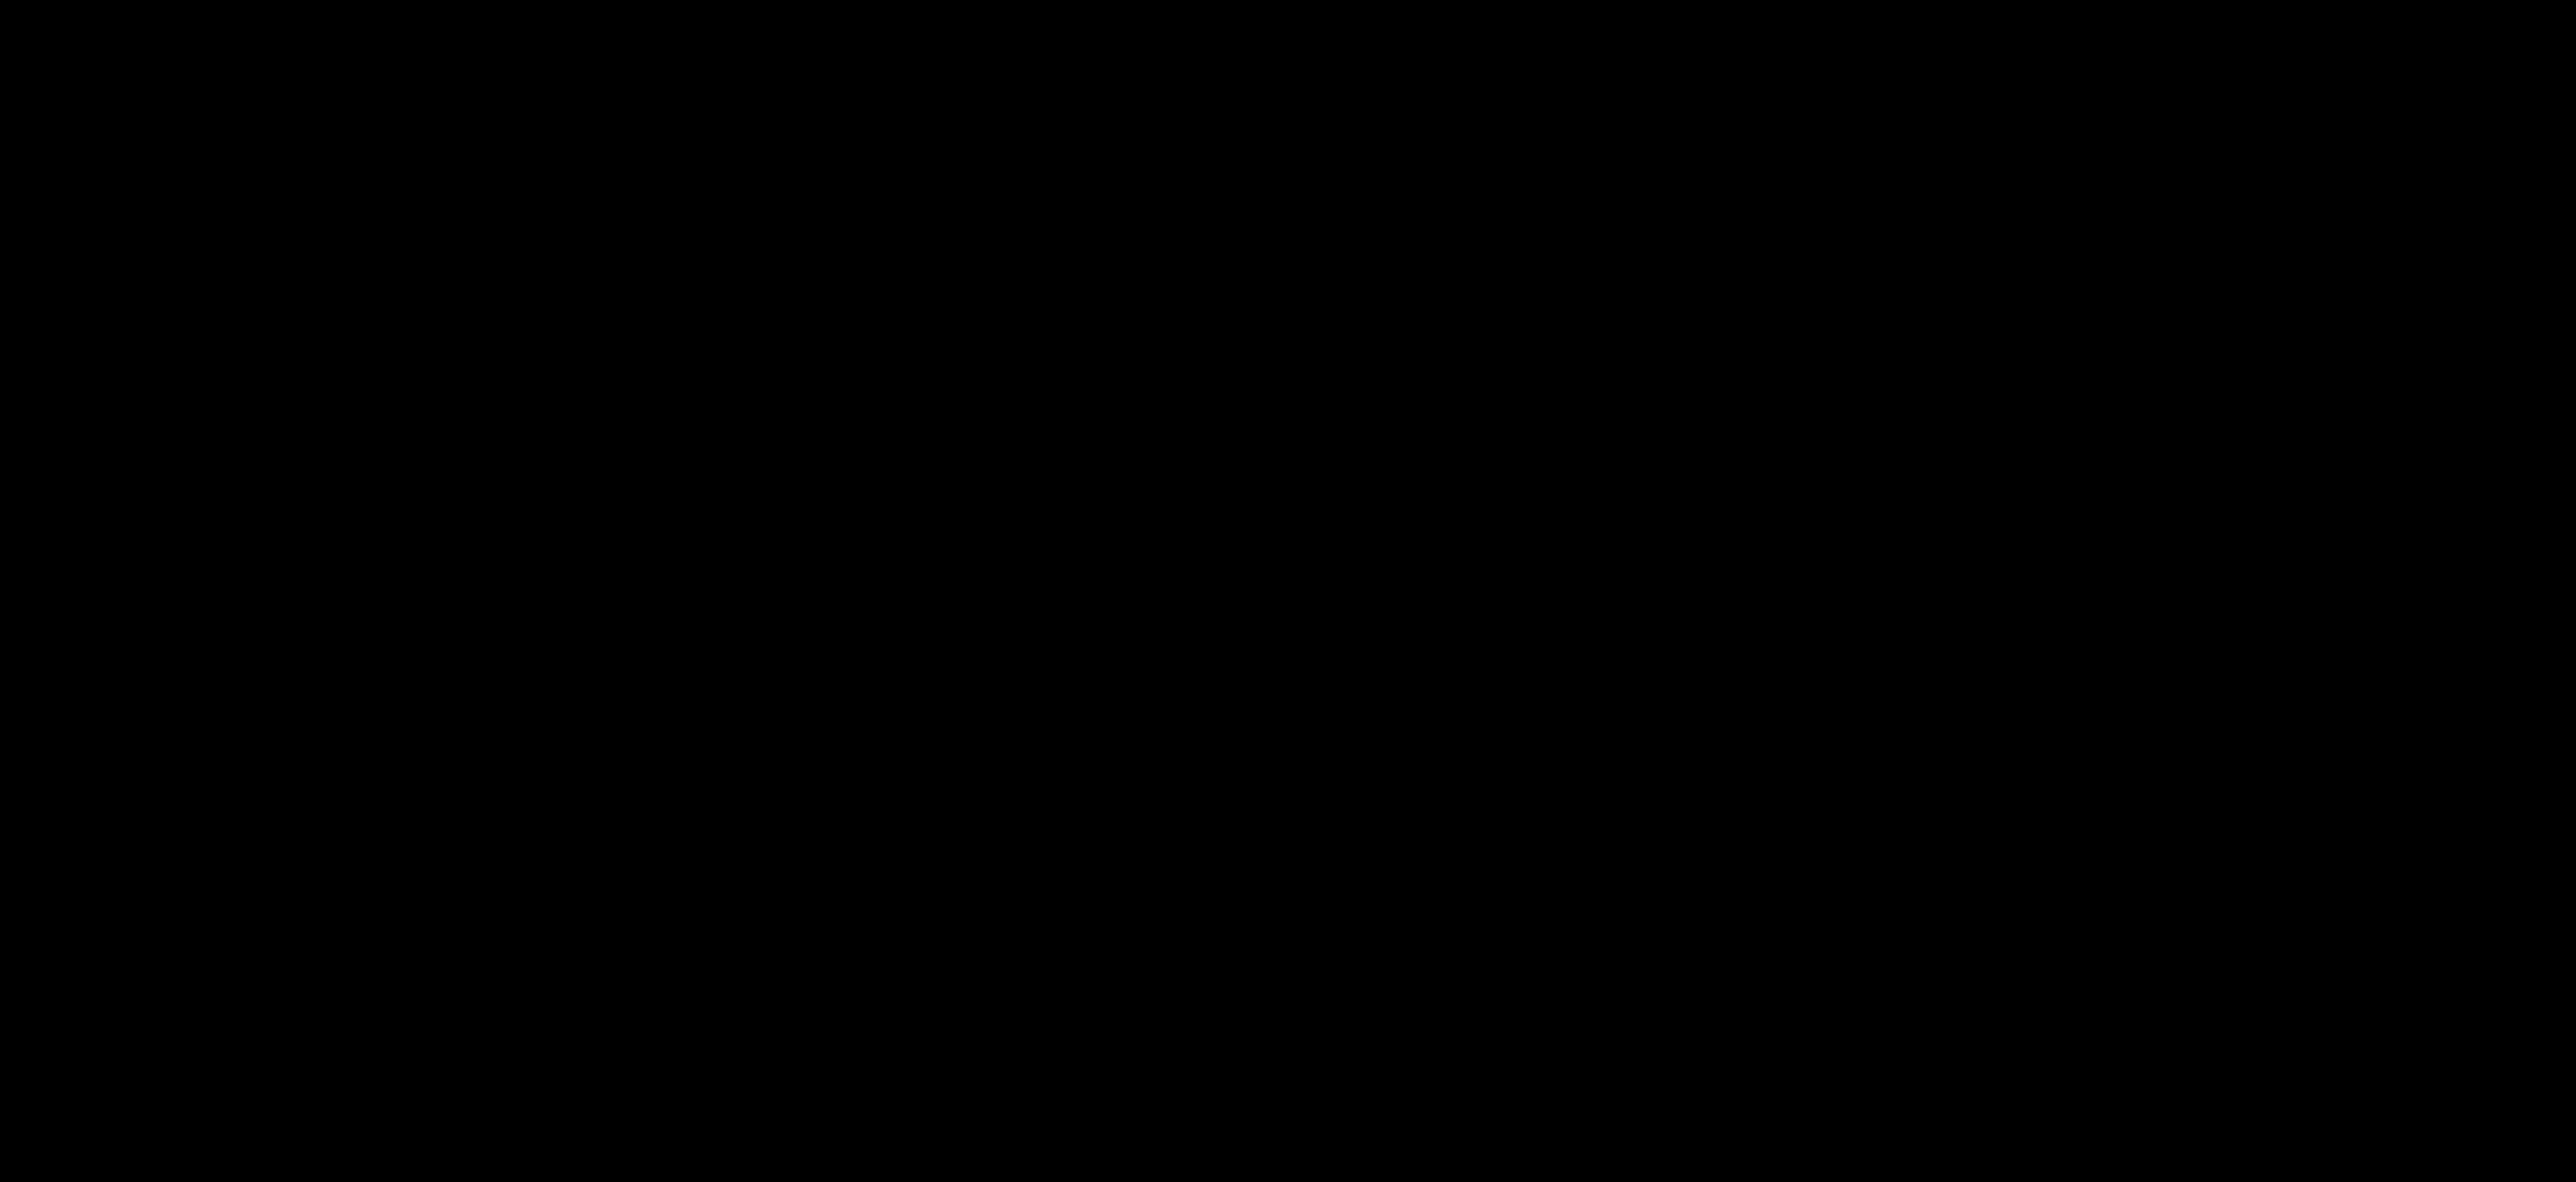 Télécharger photo the beatles logo transparent png